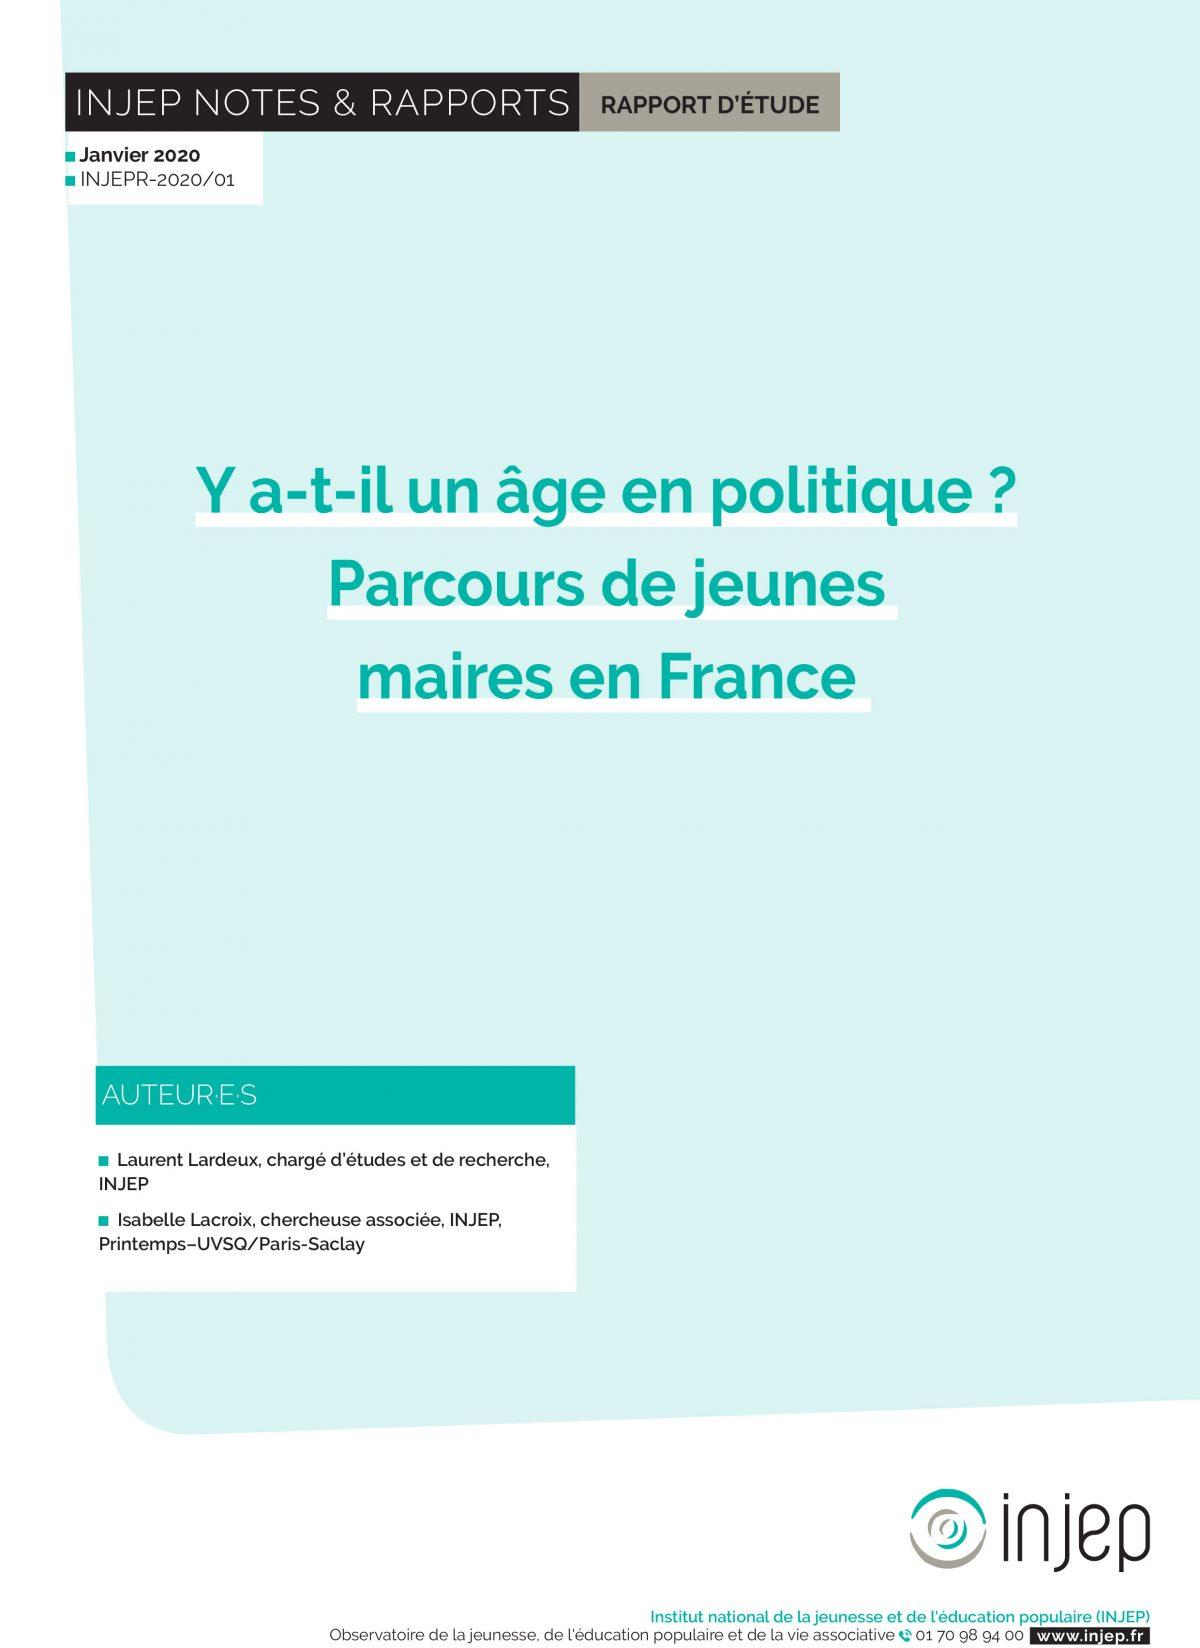 Y a-t-il un âge en politique ? Parcours de jeunes maires en France